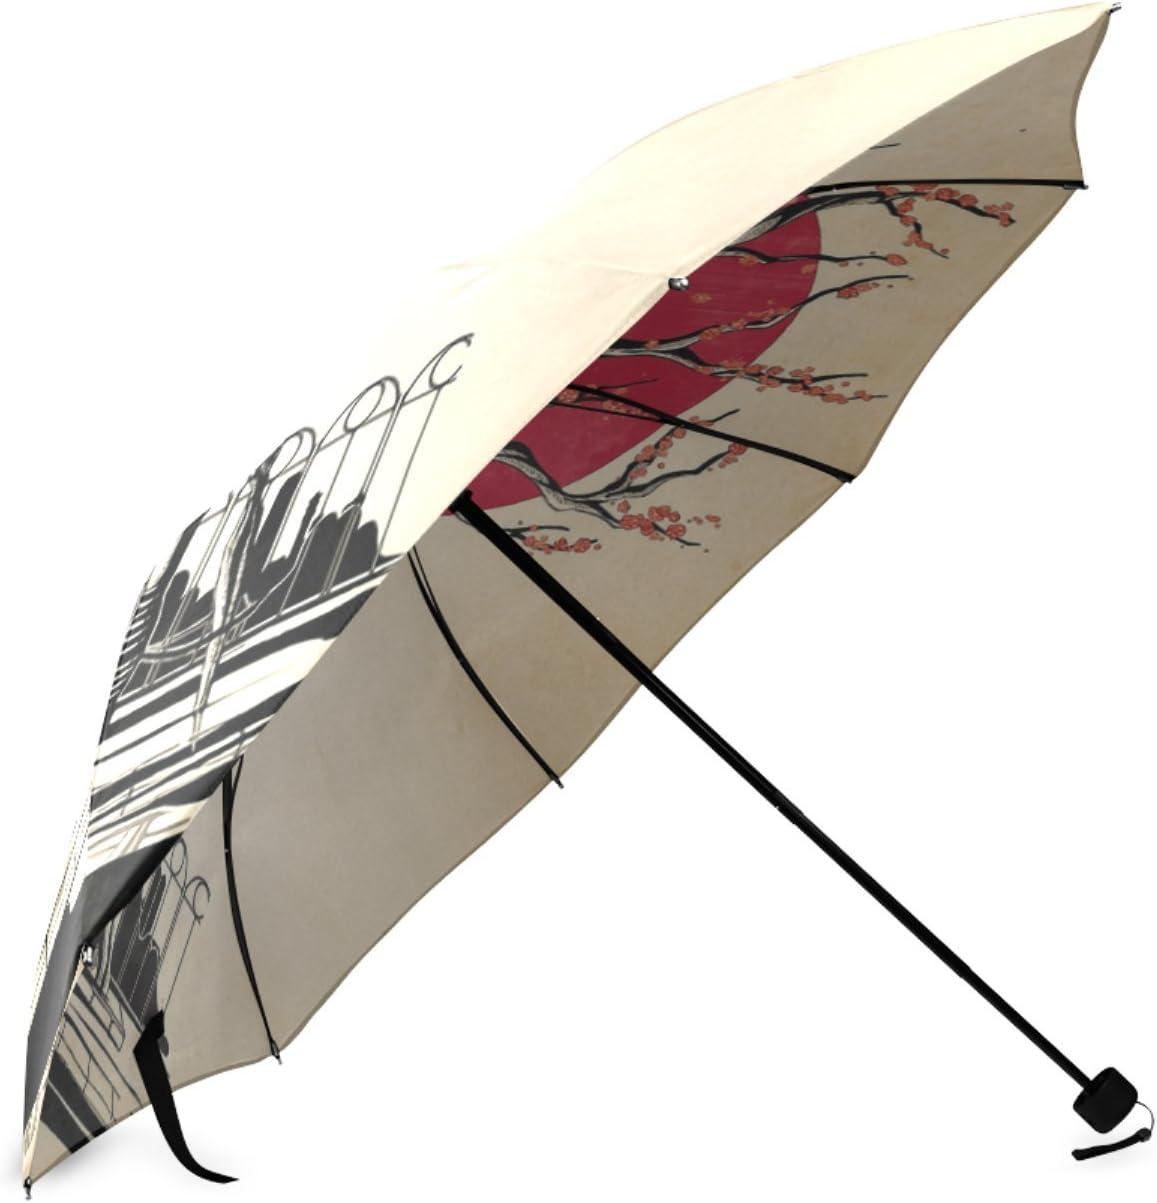 Personalized Japanese Student Foldable Raining Umbrella